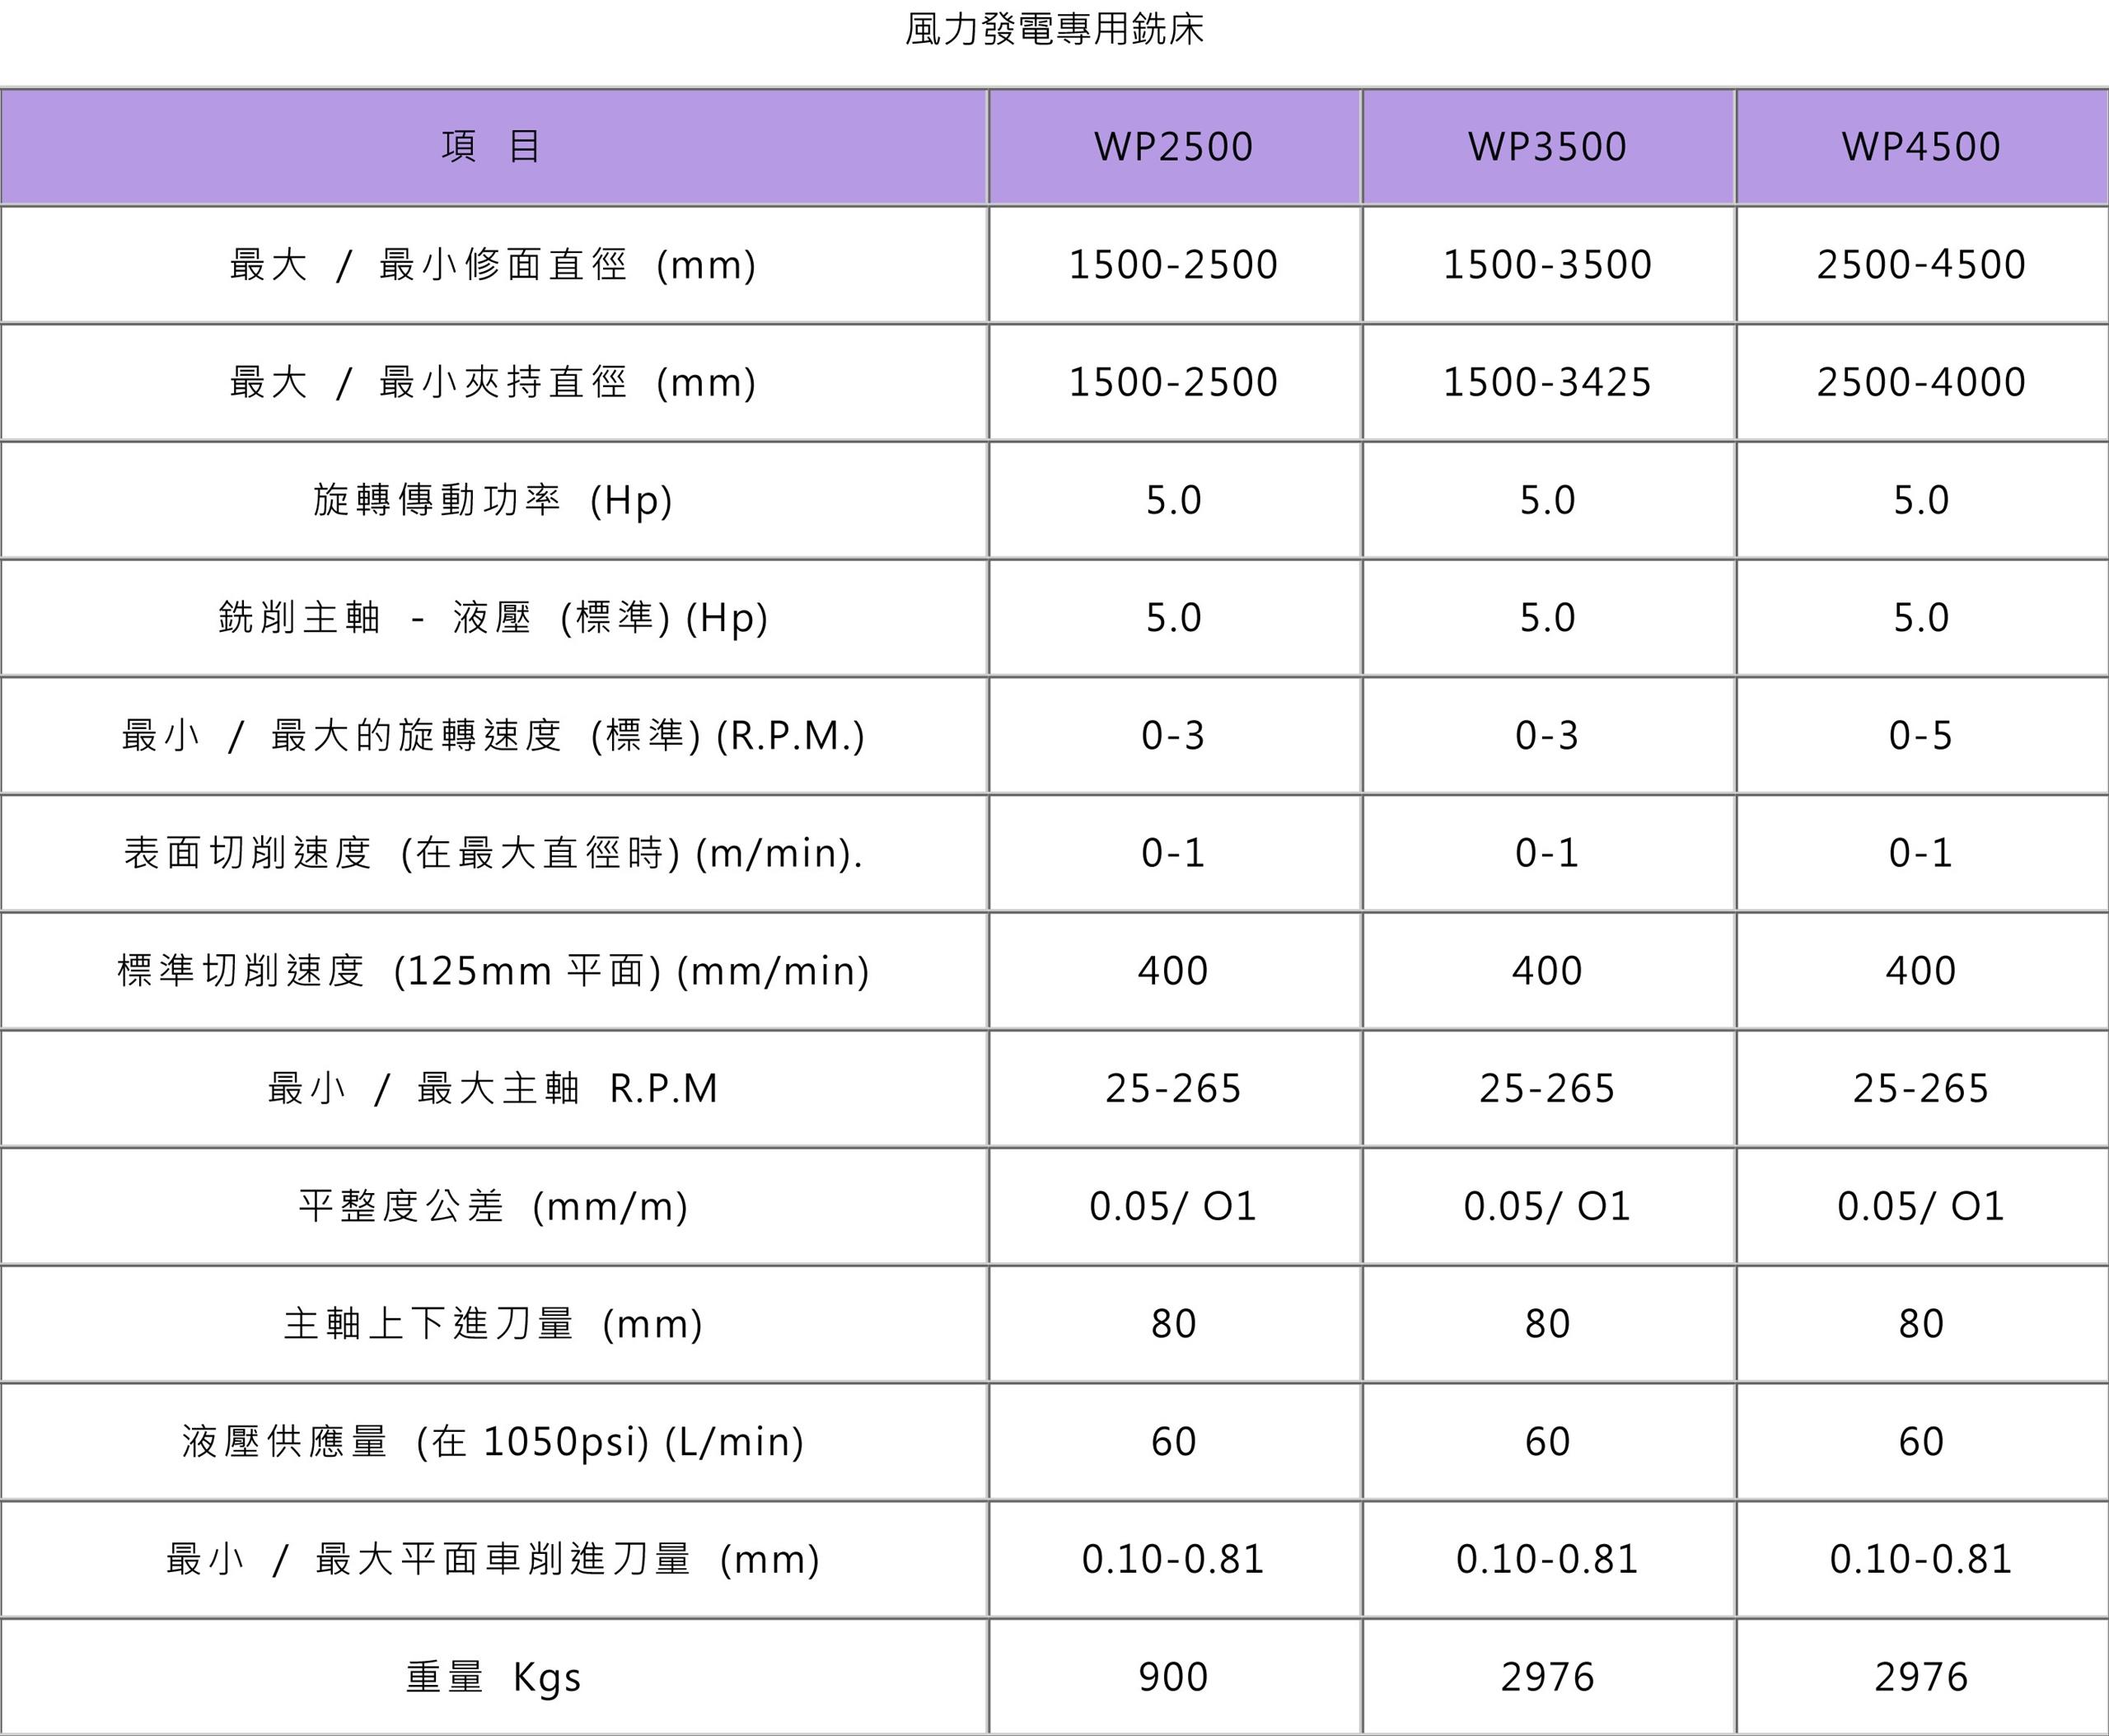 風力發電專用銑床 規格表